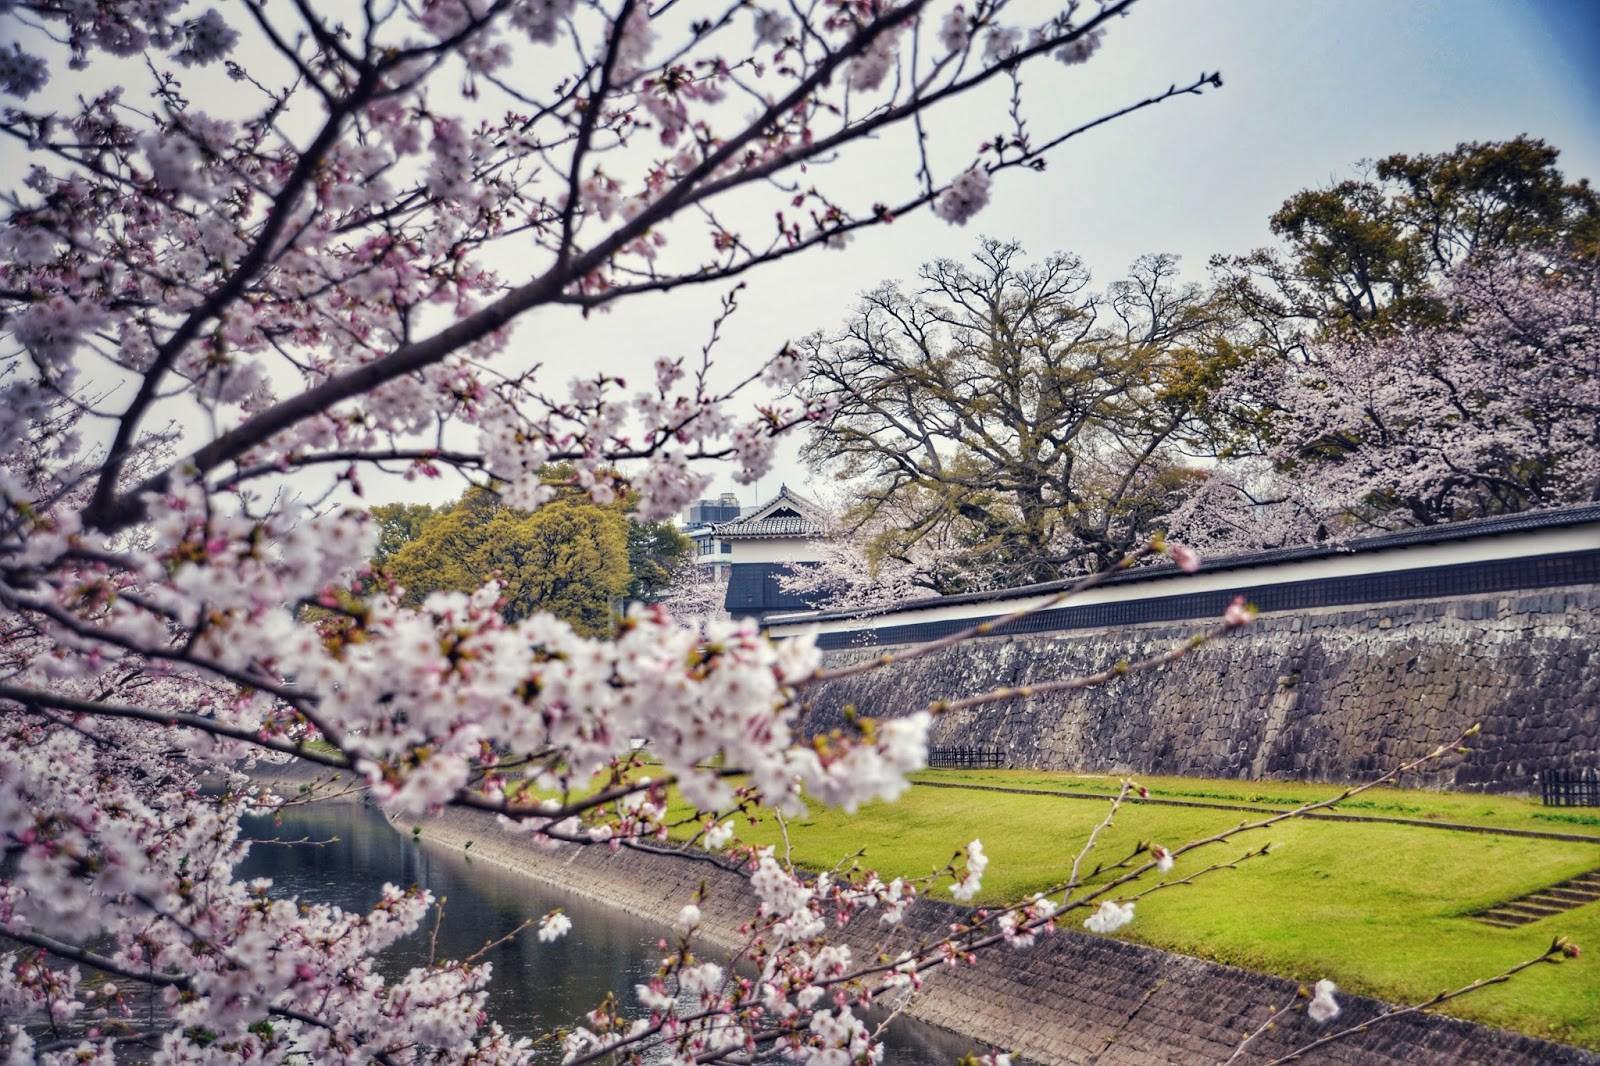 Ghé thăm Kumamoto - một trong Tam đại Quốc bảo thành định hình lịch sử của Nhật Bản - Ảnh 3.